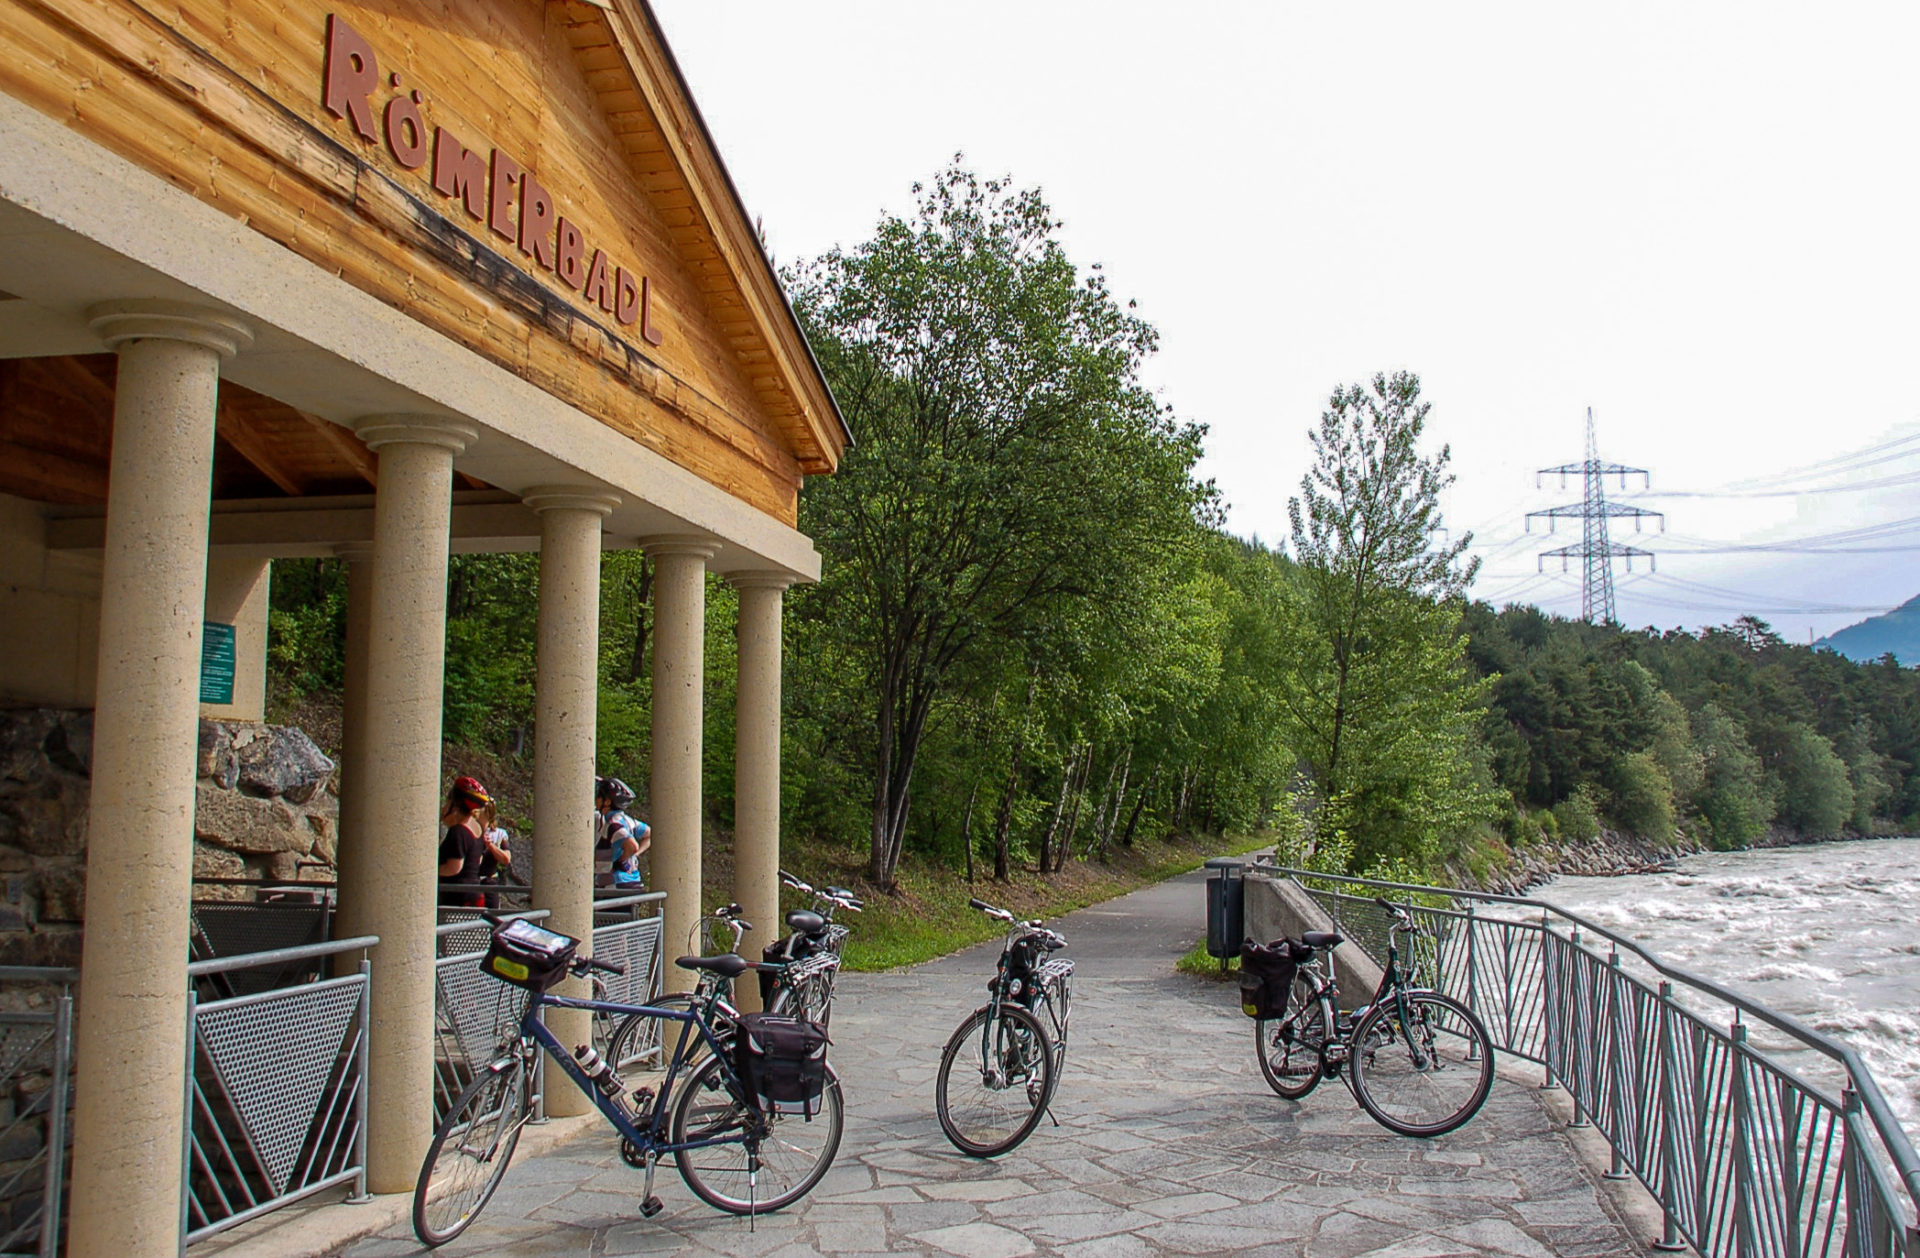 Das Römerbadl am Inn ist ein Kneippbad, das ideal ist während einer Radtour auf dem Innradweg in Tirol